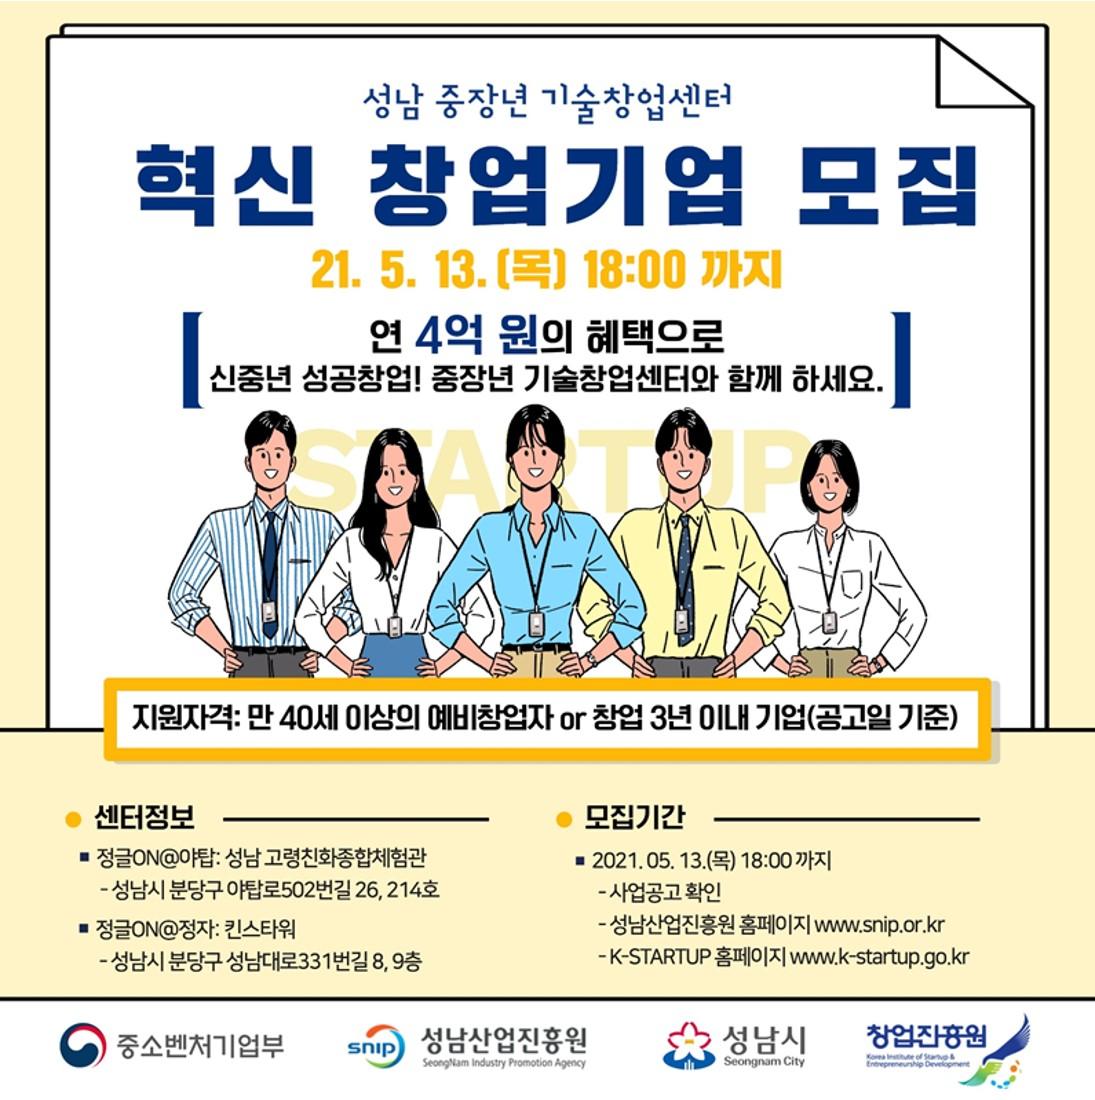 5월 성남 중장년 기술창업센터 입주모집